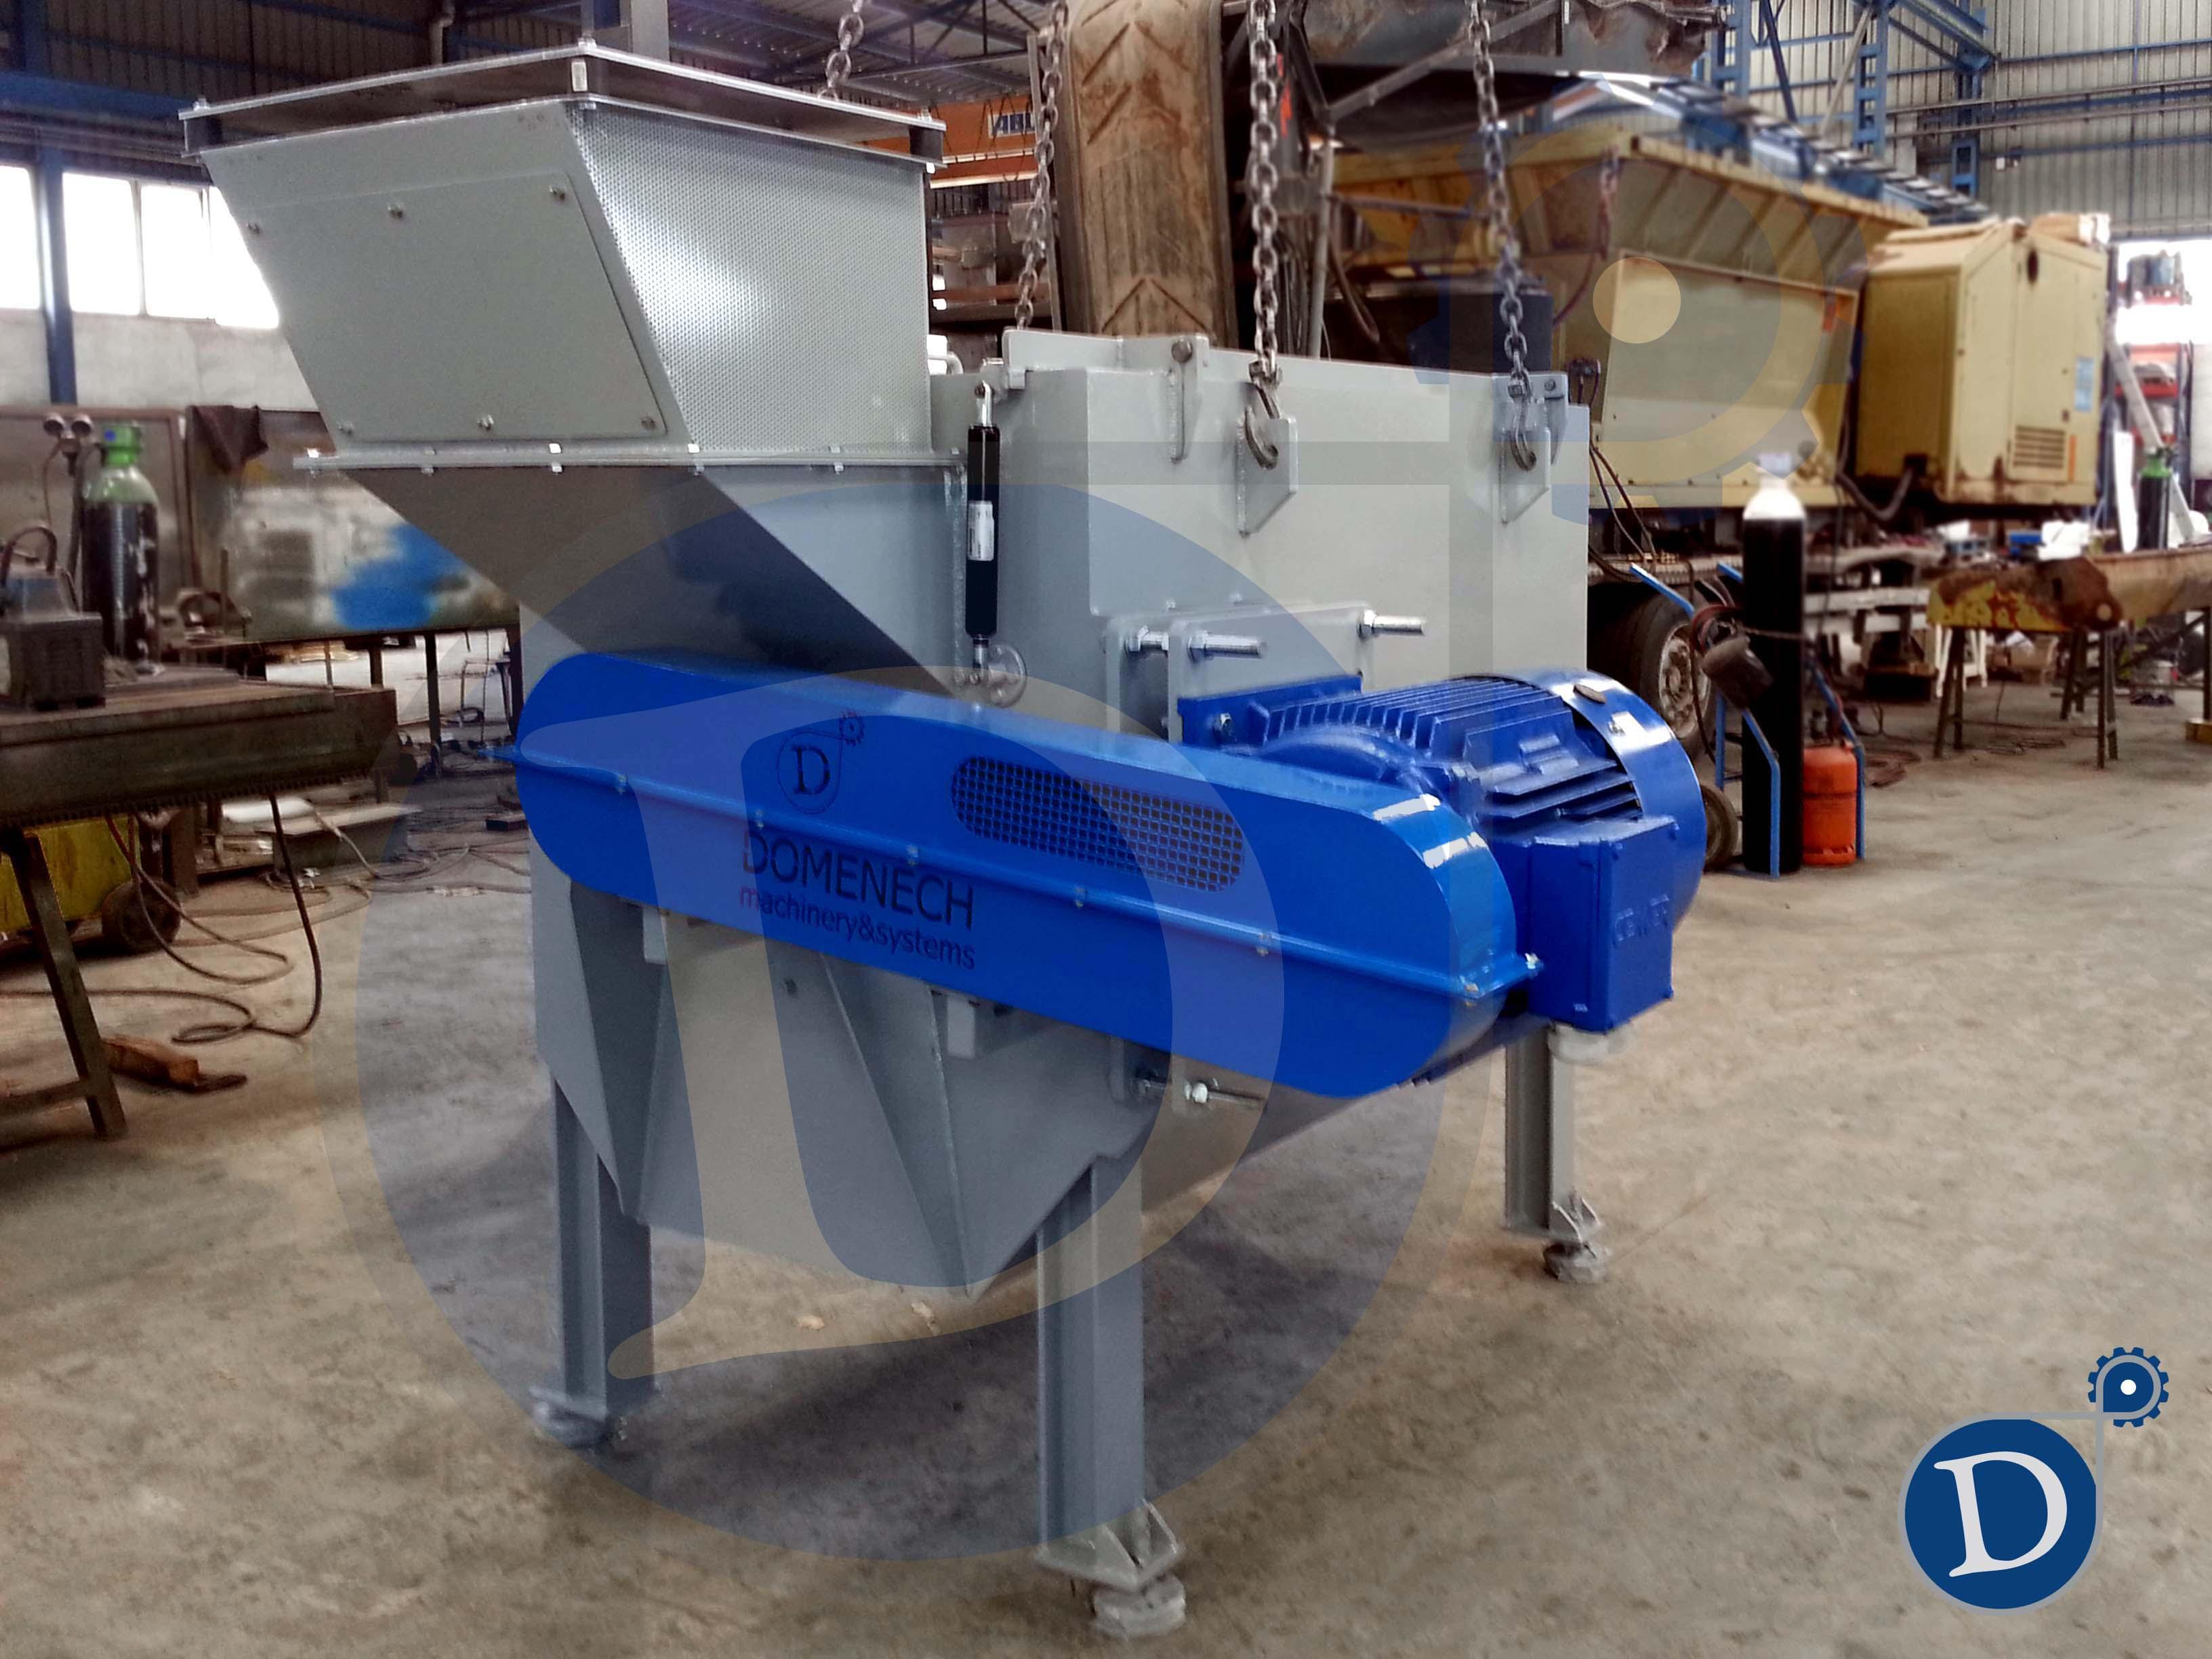 Nueva centr fuga para el reciclaje de pl stico domenech - Maquina de reciclaje de plastico ...